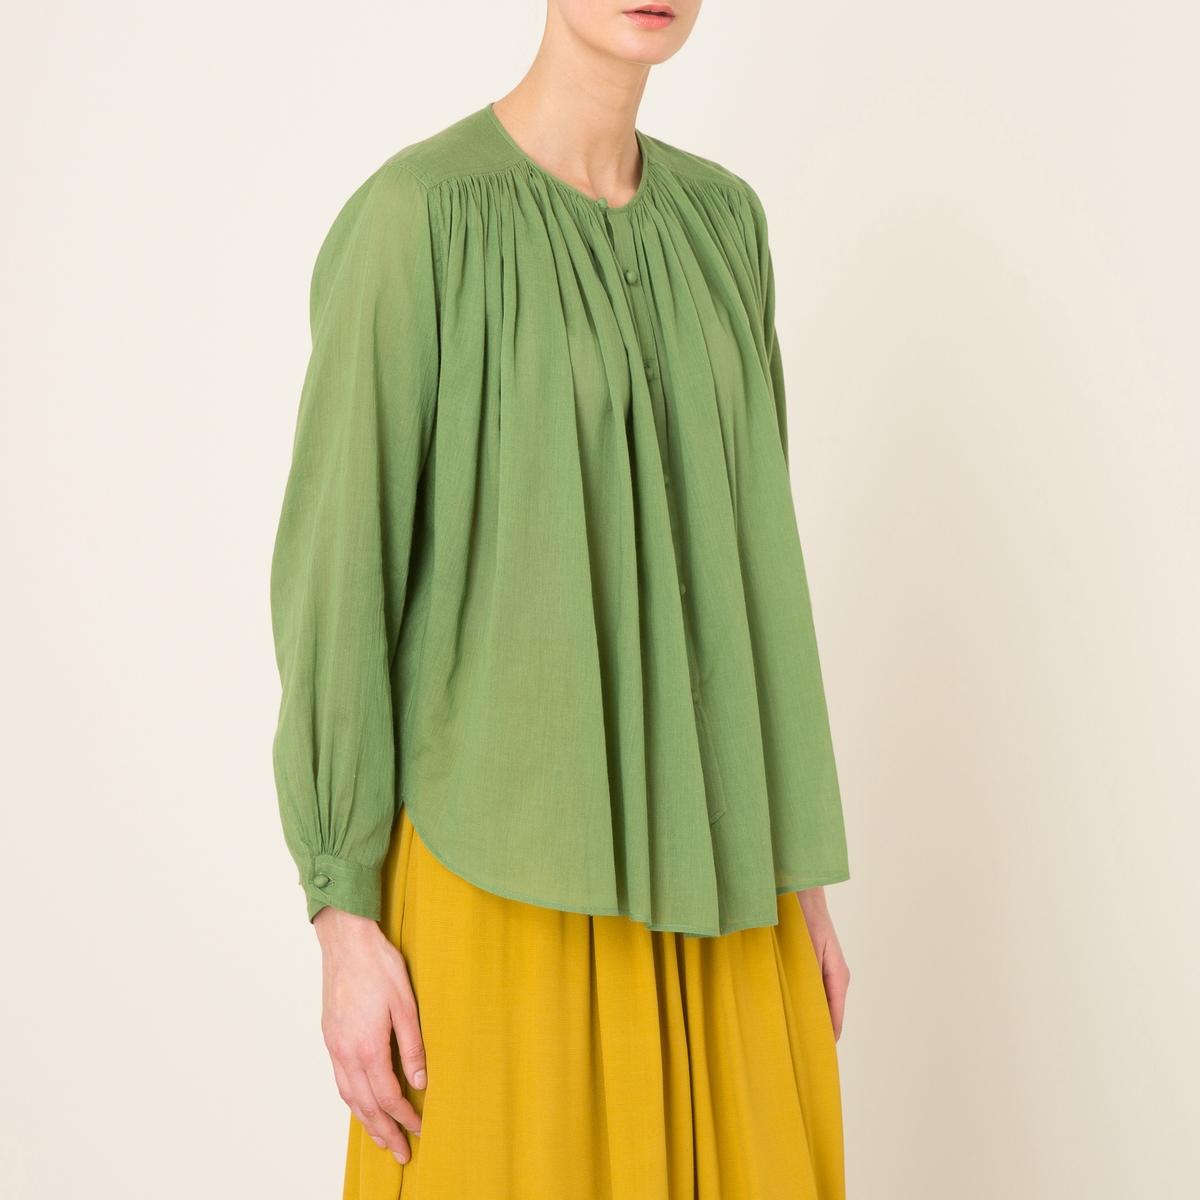 Рубашка объемнаяРубашка объемная  LAURENCE BRAS из хлопка .  Без воротника. Сборки ниже отрезных деталей на плечах . Обтянутые пуговицы. Длинные рукава. Закругленный низ.Состав и описание   Материал : 100% хлопок   Марка : LAURENCE BRAS<br><br>Цвет: зеленый